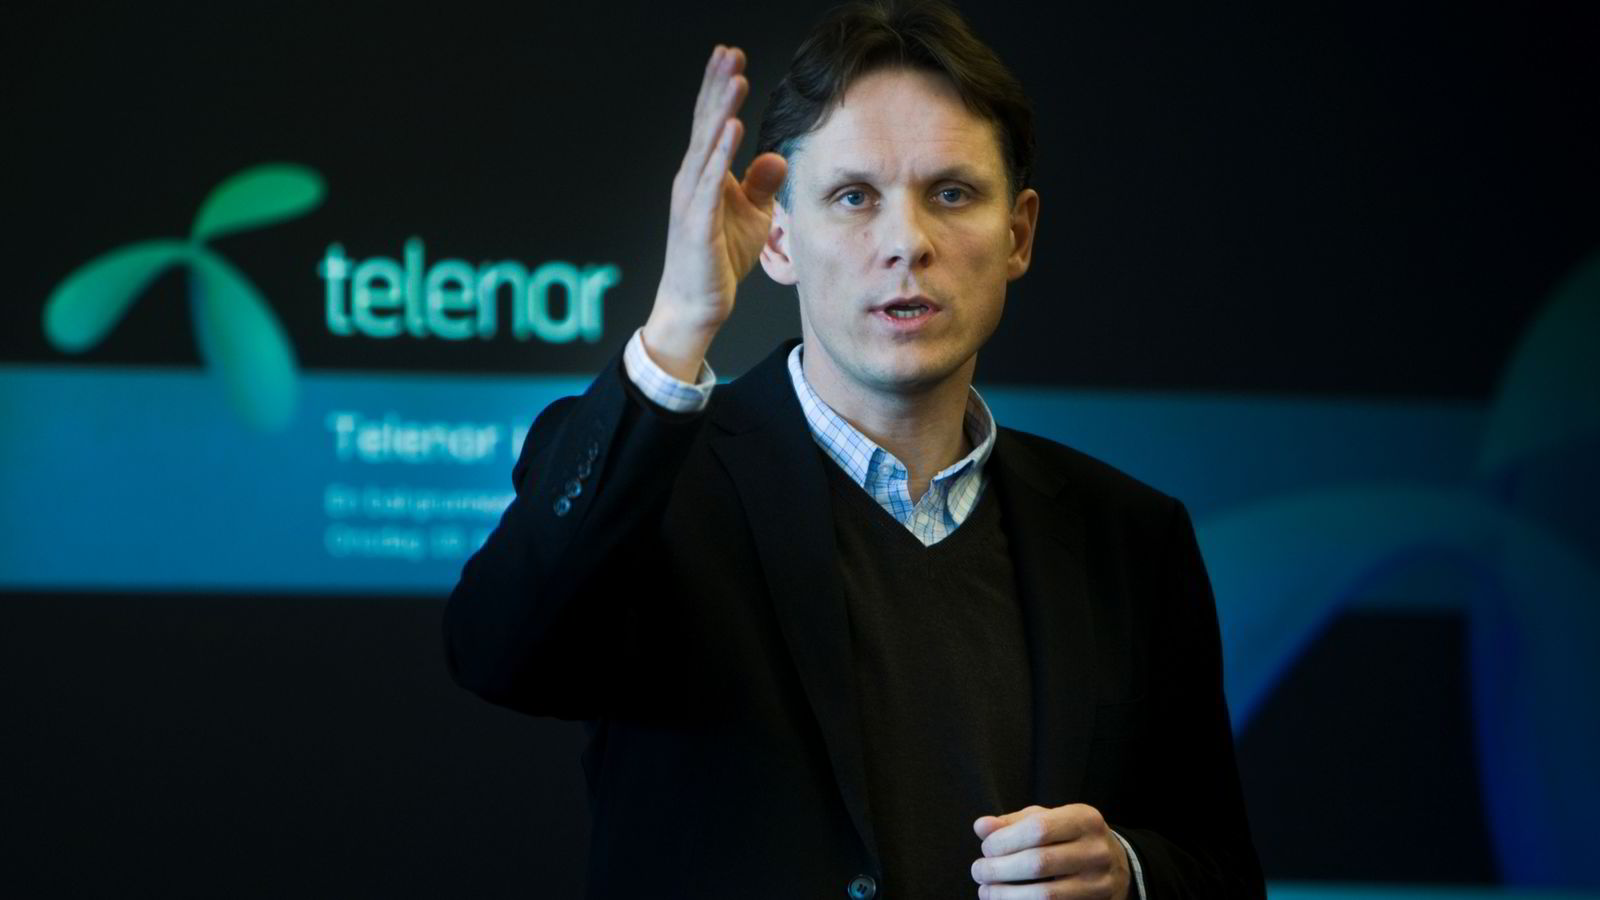 Kommunikasjonsdirektør i Telenor Group, Pål Kvalheim, sier det er myndighetene selv som har hovedansvaret for åpenhet om kommunikasjonskontroll.